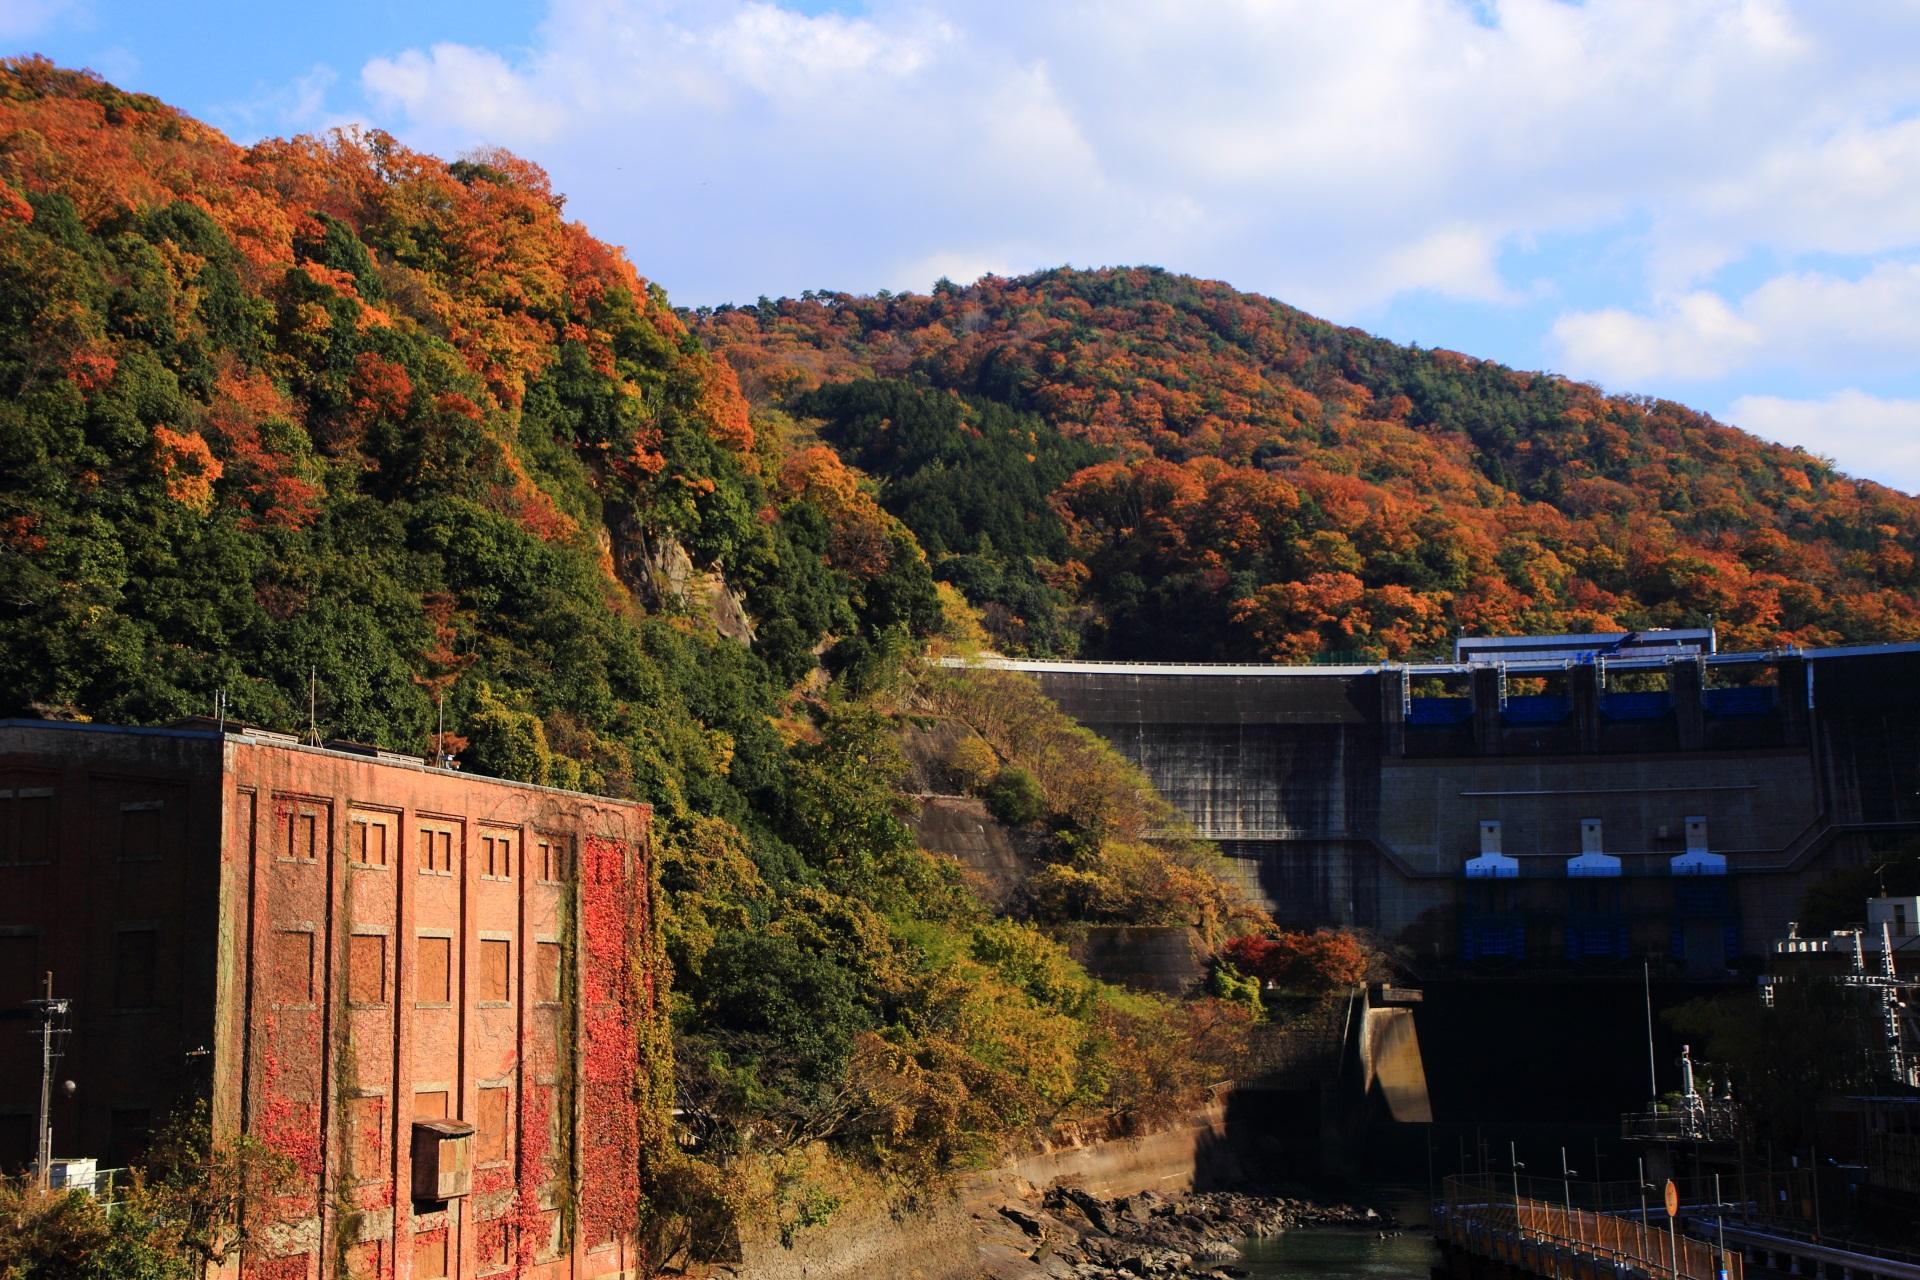 白虹橋から眺めた天ヶ瀬ダムと志津川発電所跡と色づく山々